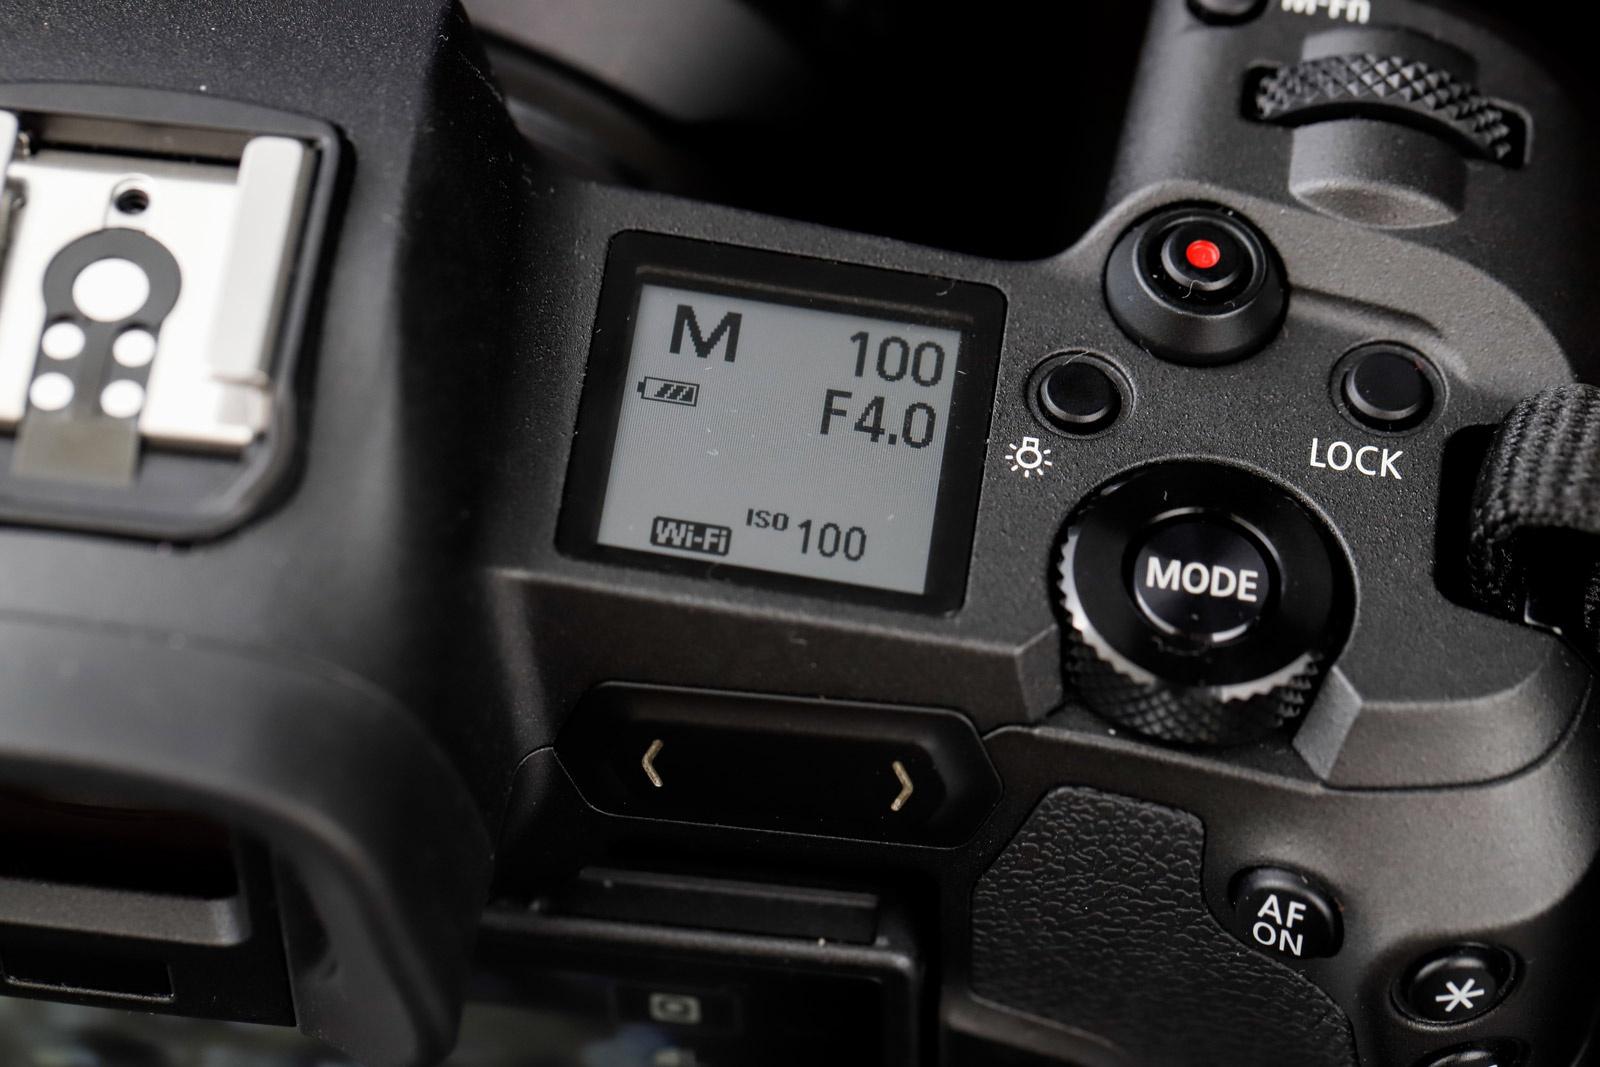 我是一個新手 想學攝影是不是必須要用手動檔